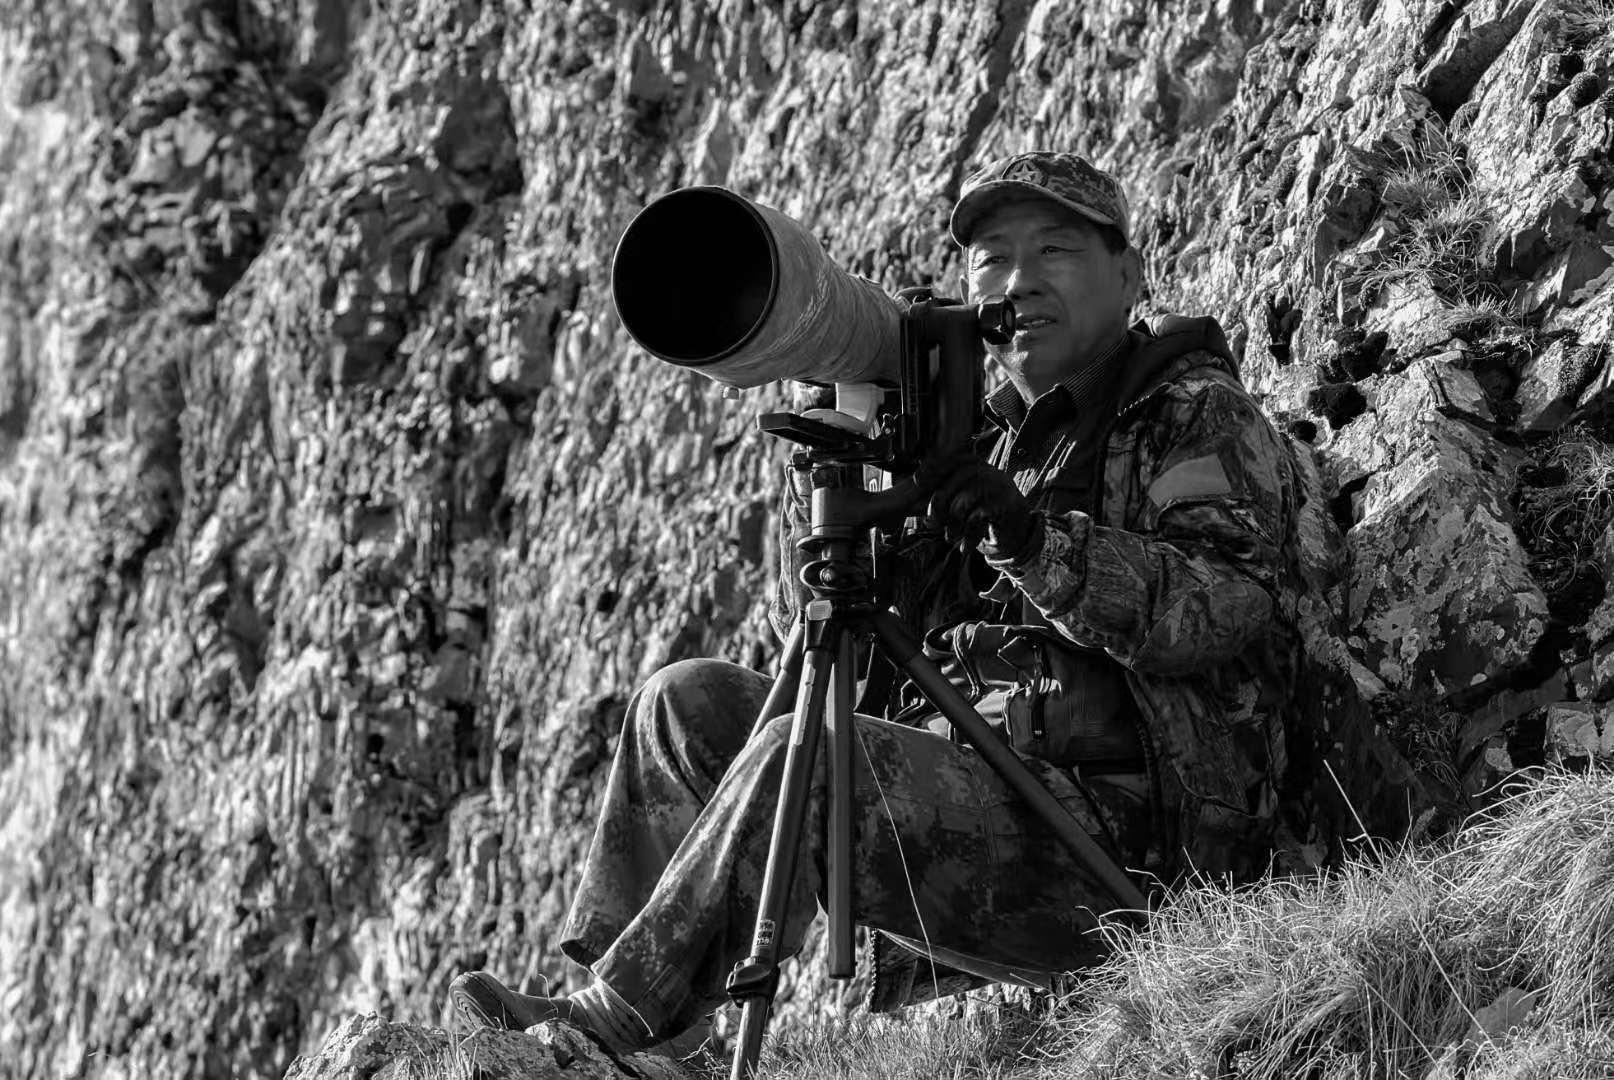 bao yongqing, photographer of Tibetan fox